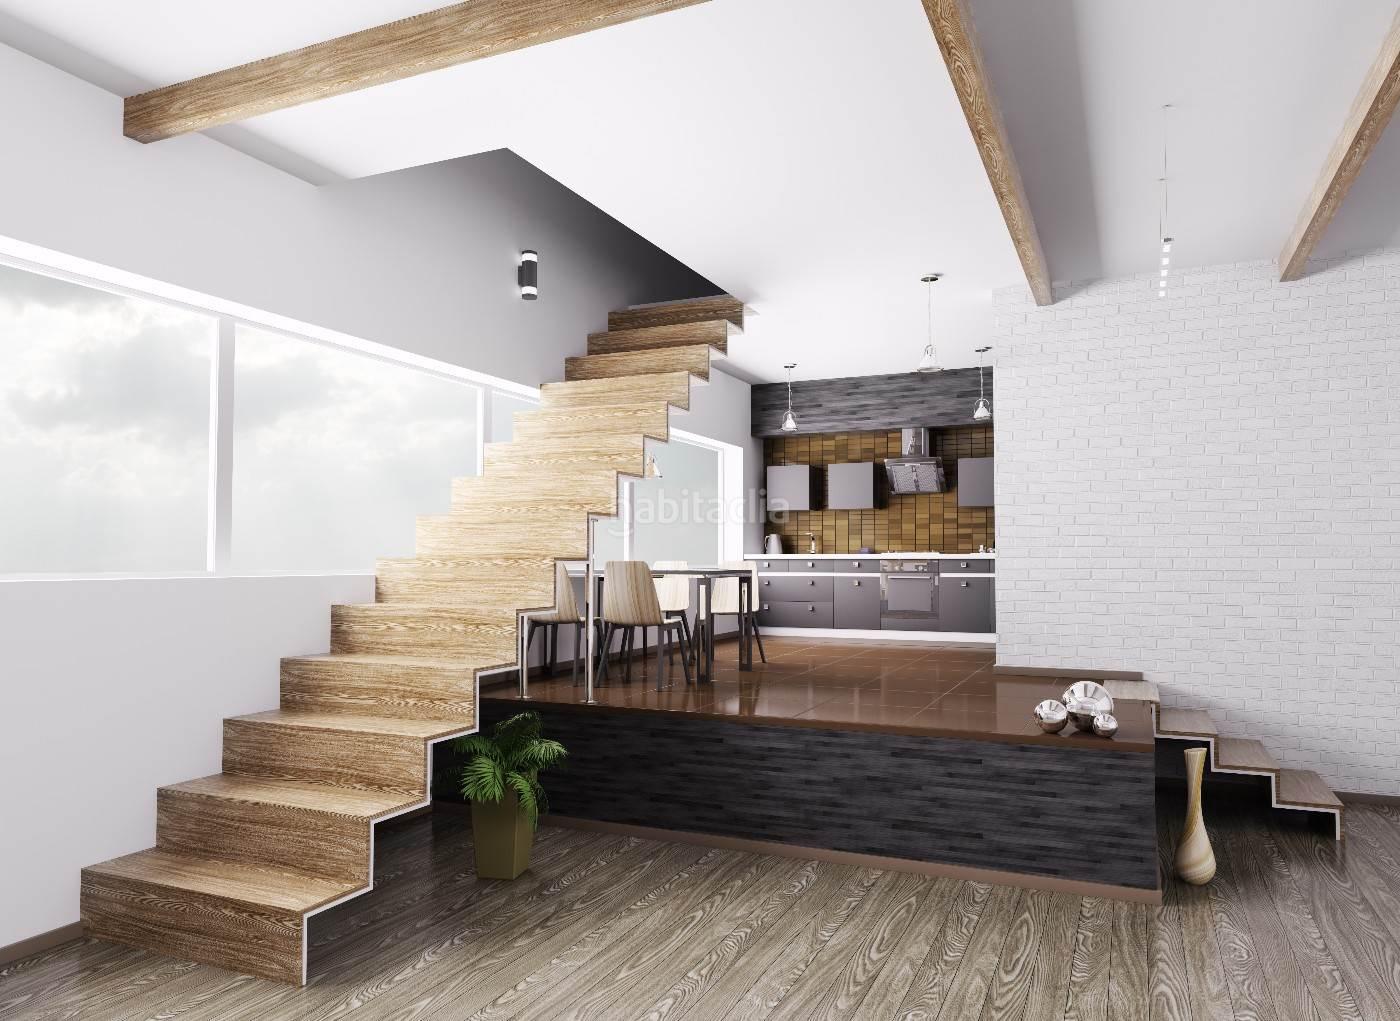 schody mało miejsca